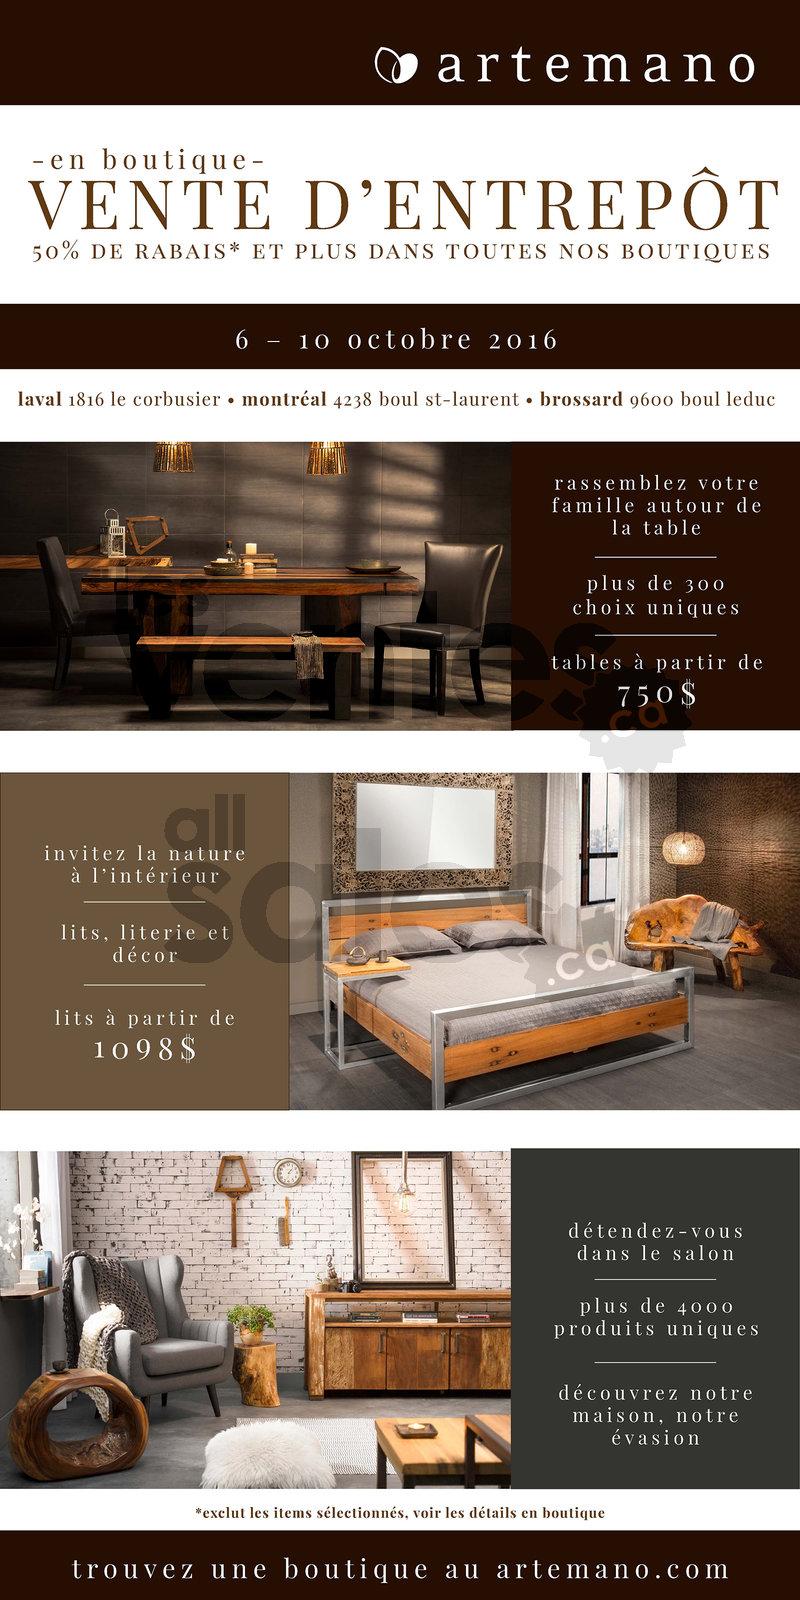 Vente d 39 entrep t artemano rabais 50 for Entrepot de meuble montreal